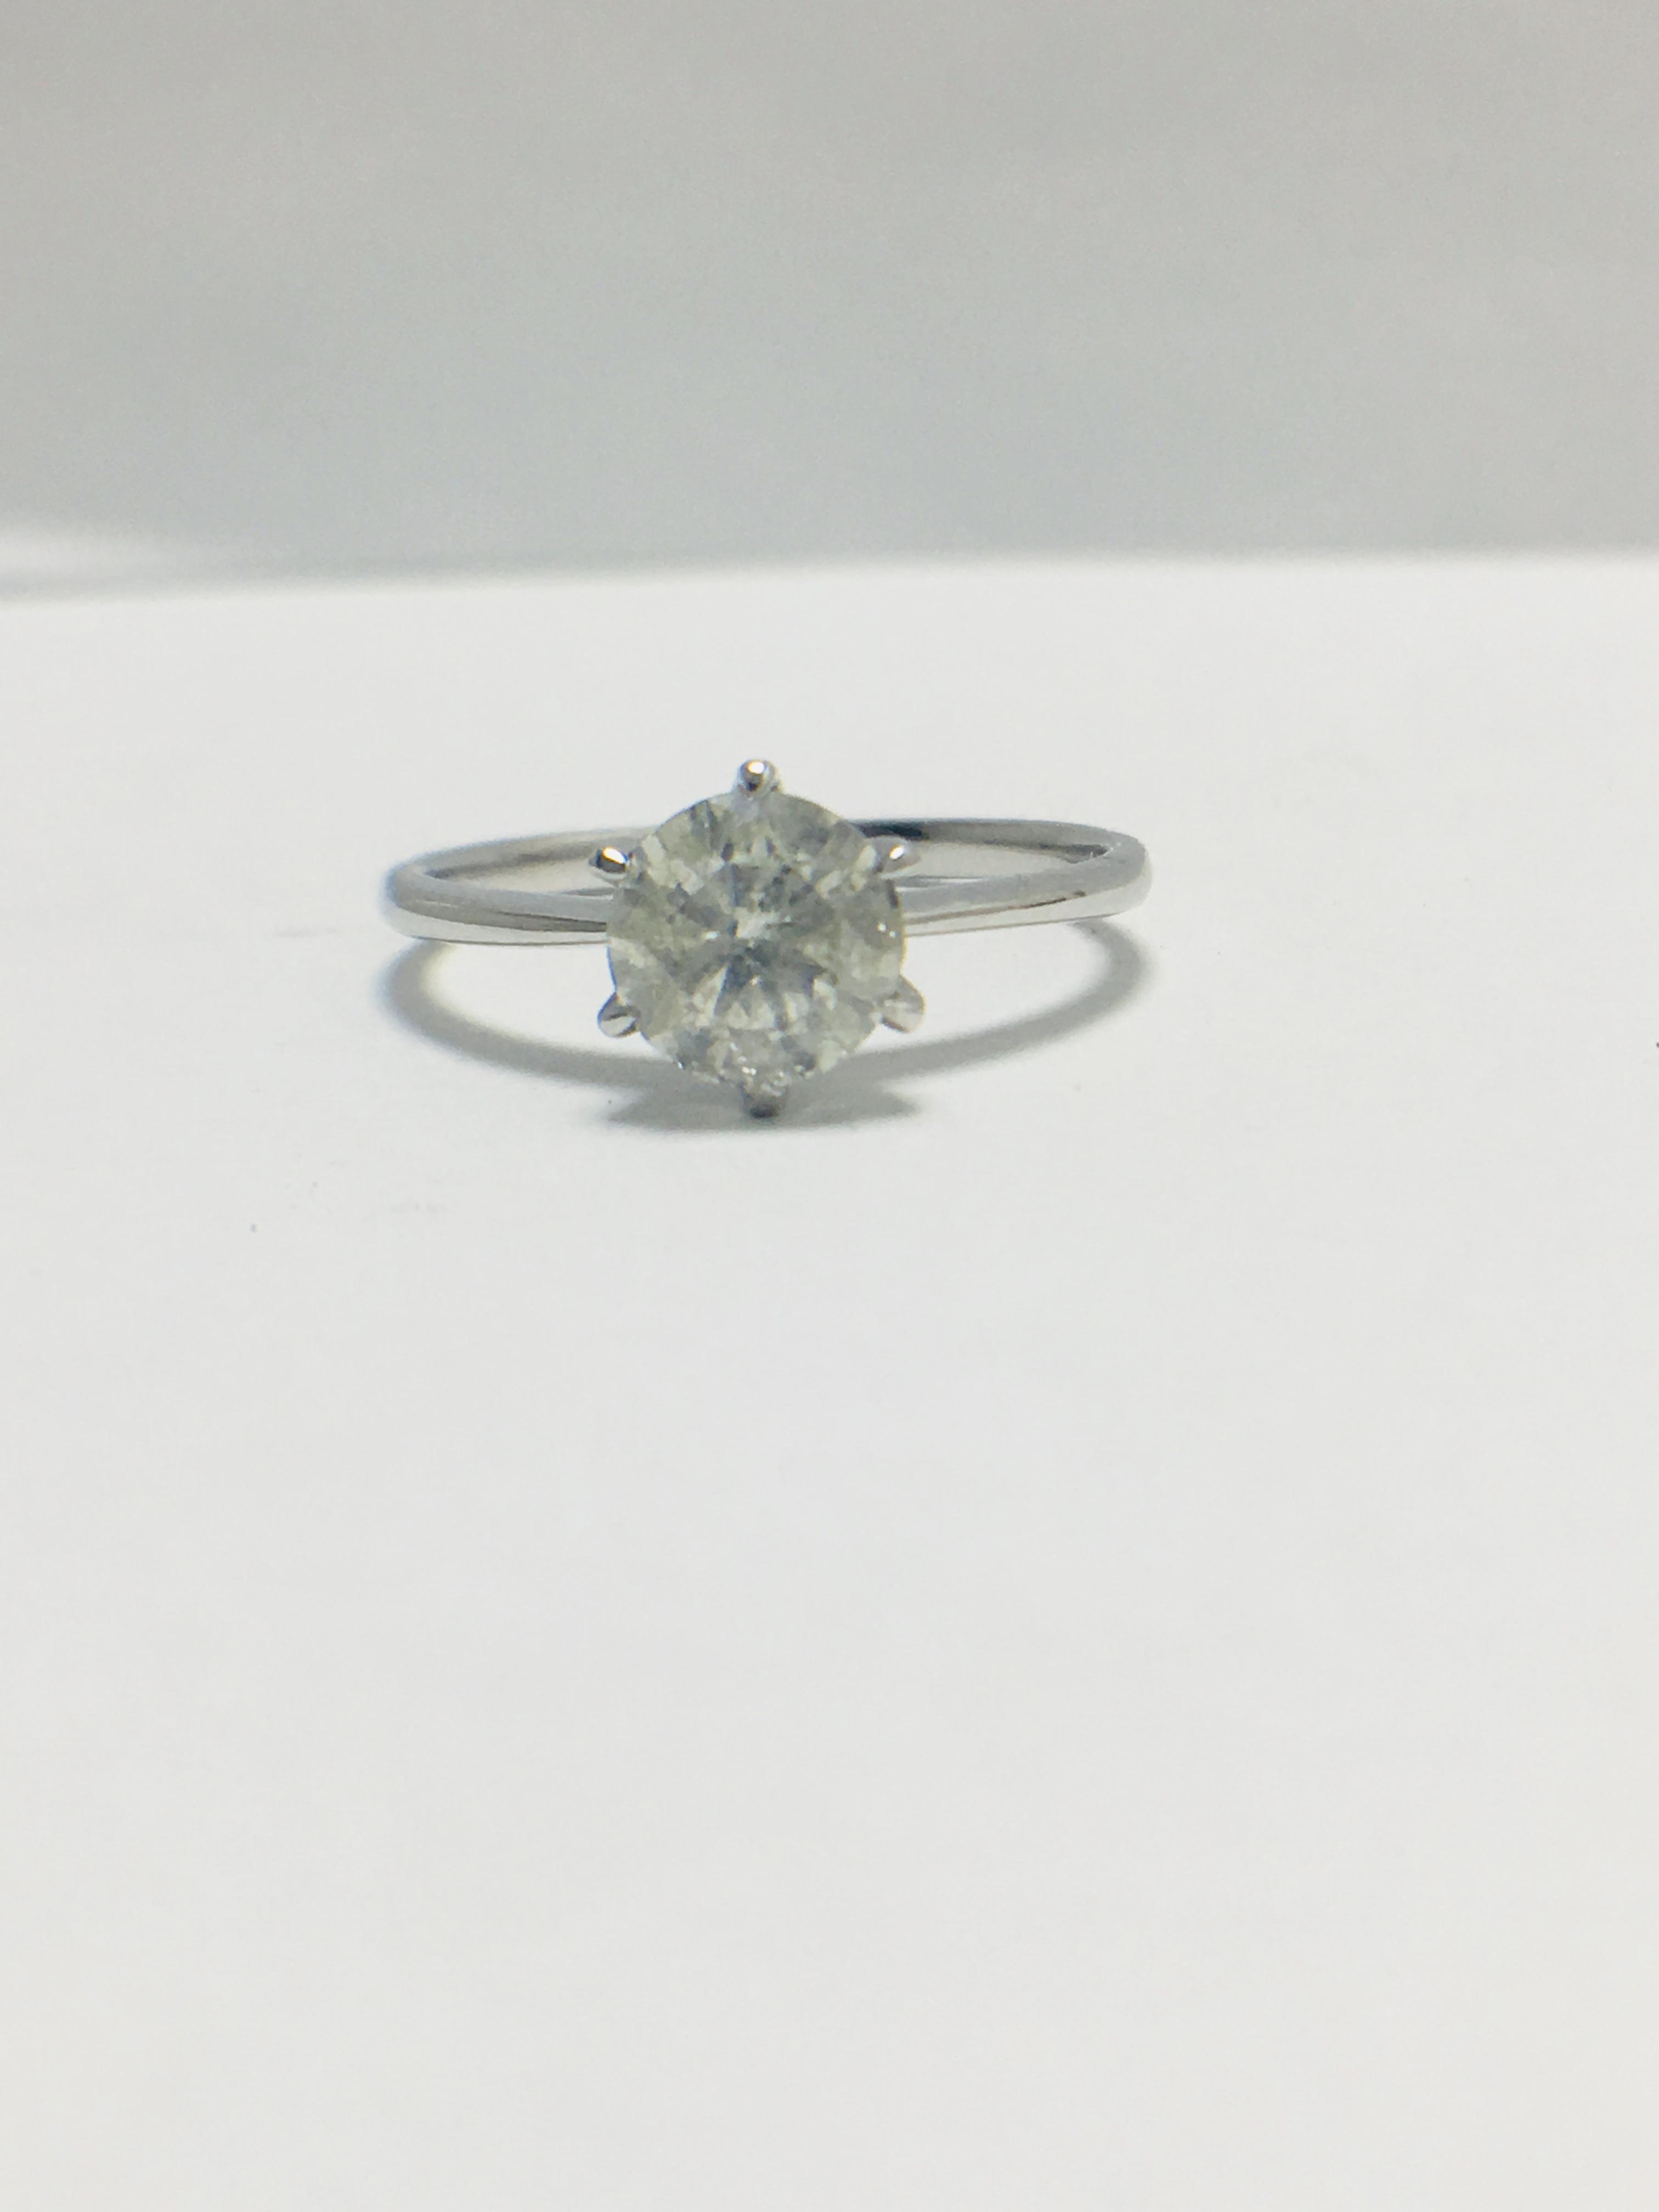 1ct platinum Diamond solitaire ring - Image 8 of 10